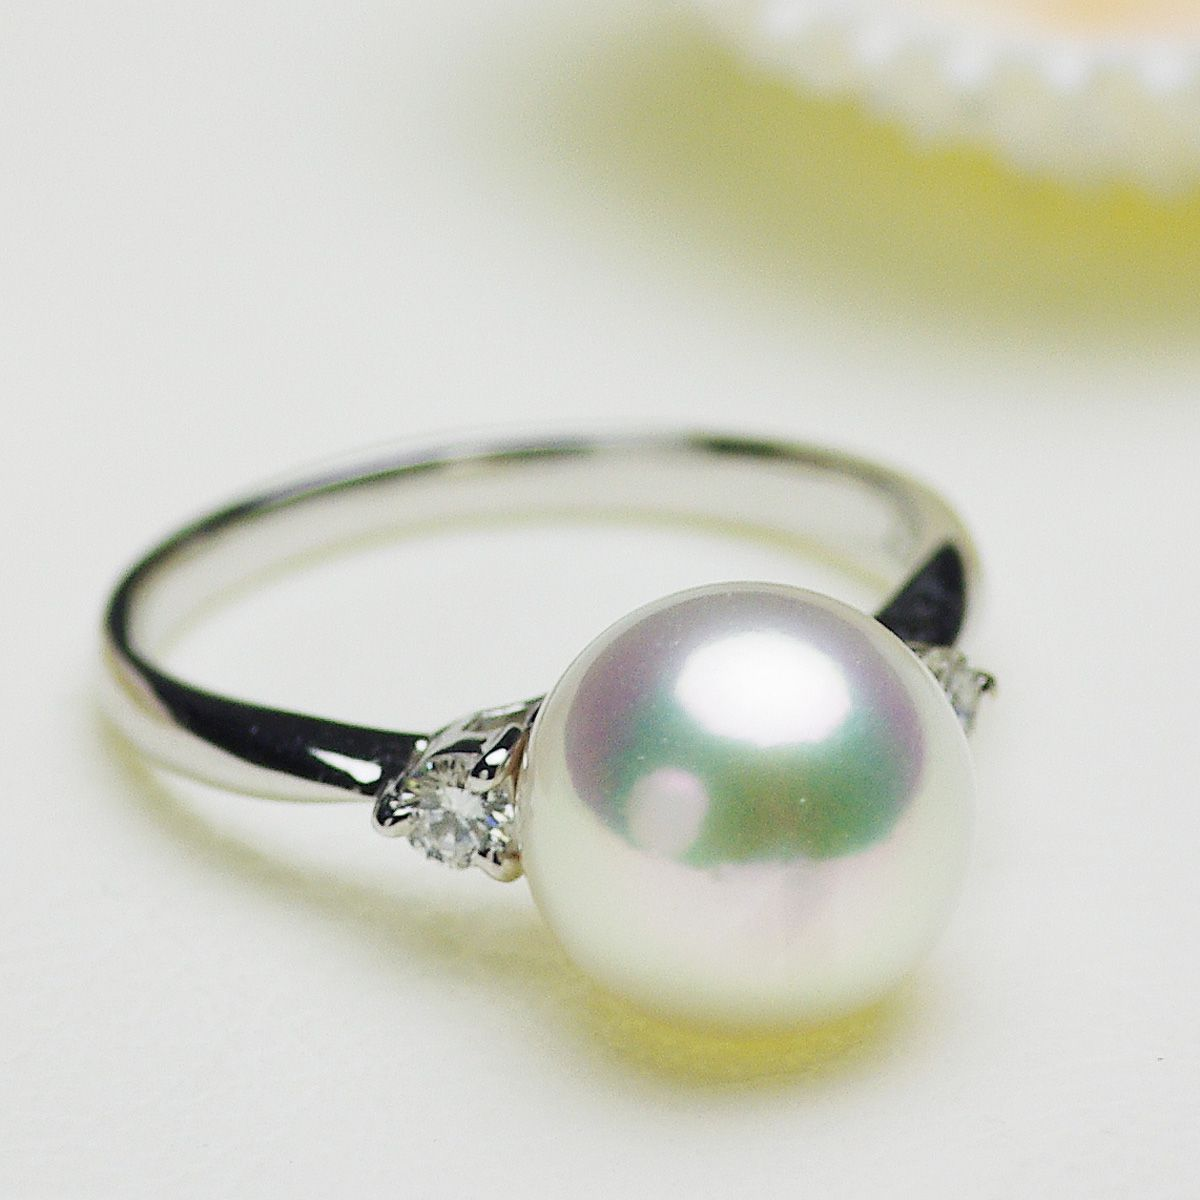 アコヤ花珠真珠 パール リング 約9.5mm プラチナ Pt900の写真